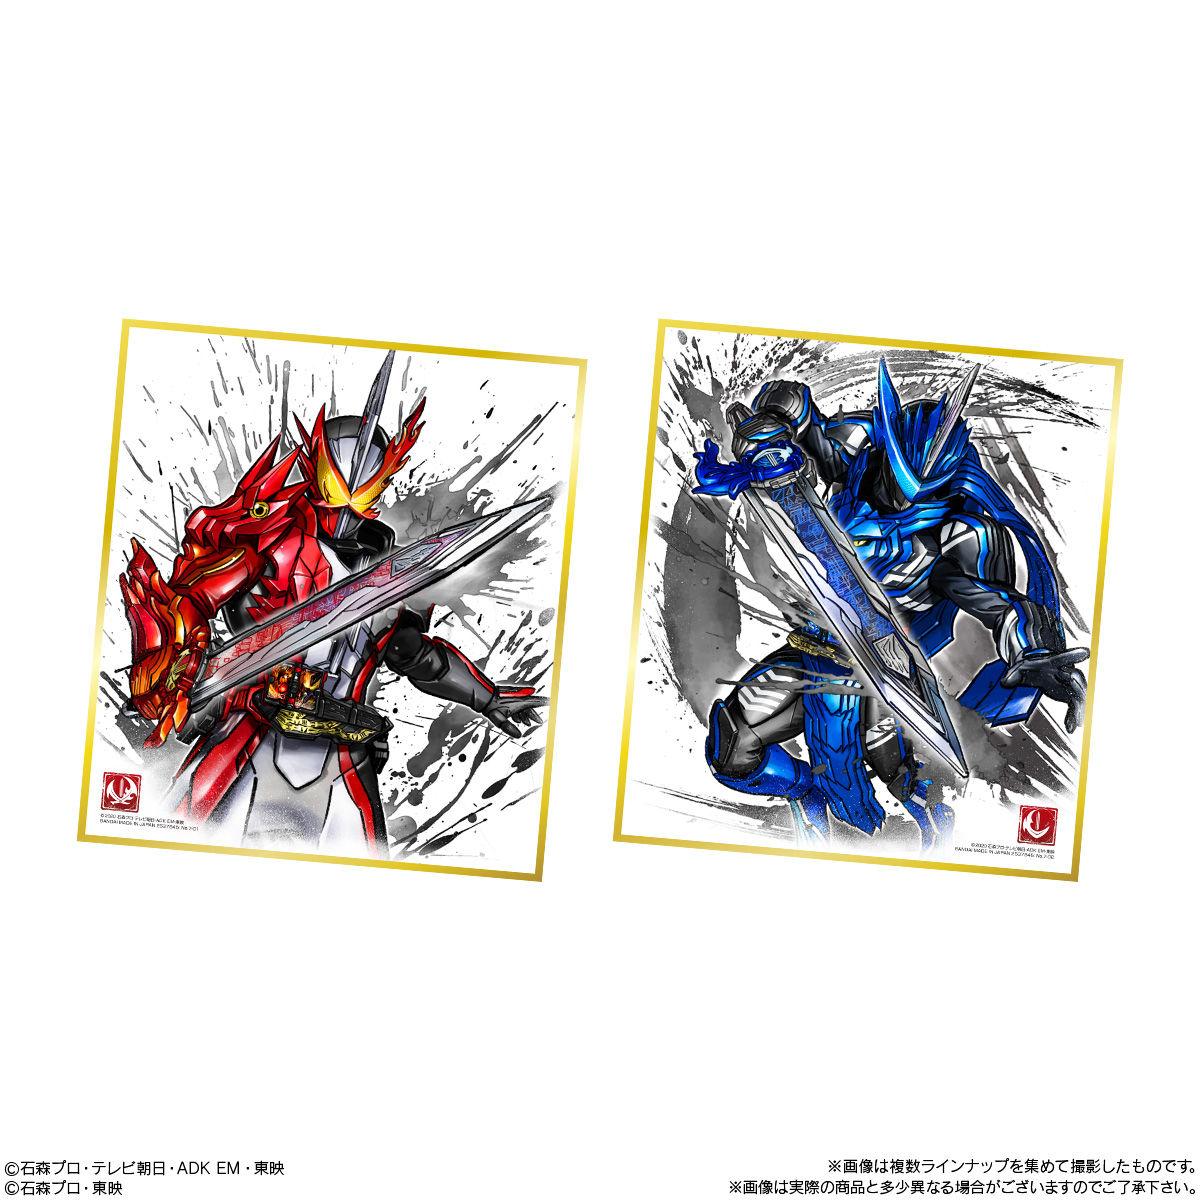 【食玩】『仮面ライダー 色紙ART7』10個入りBOX-002